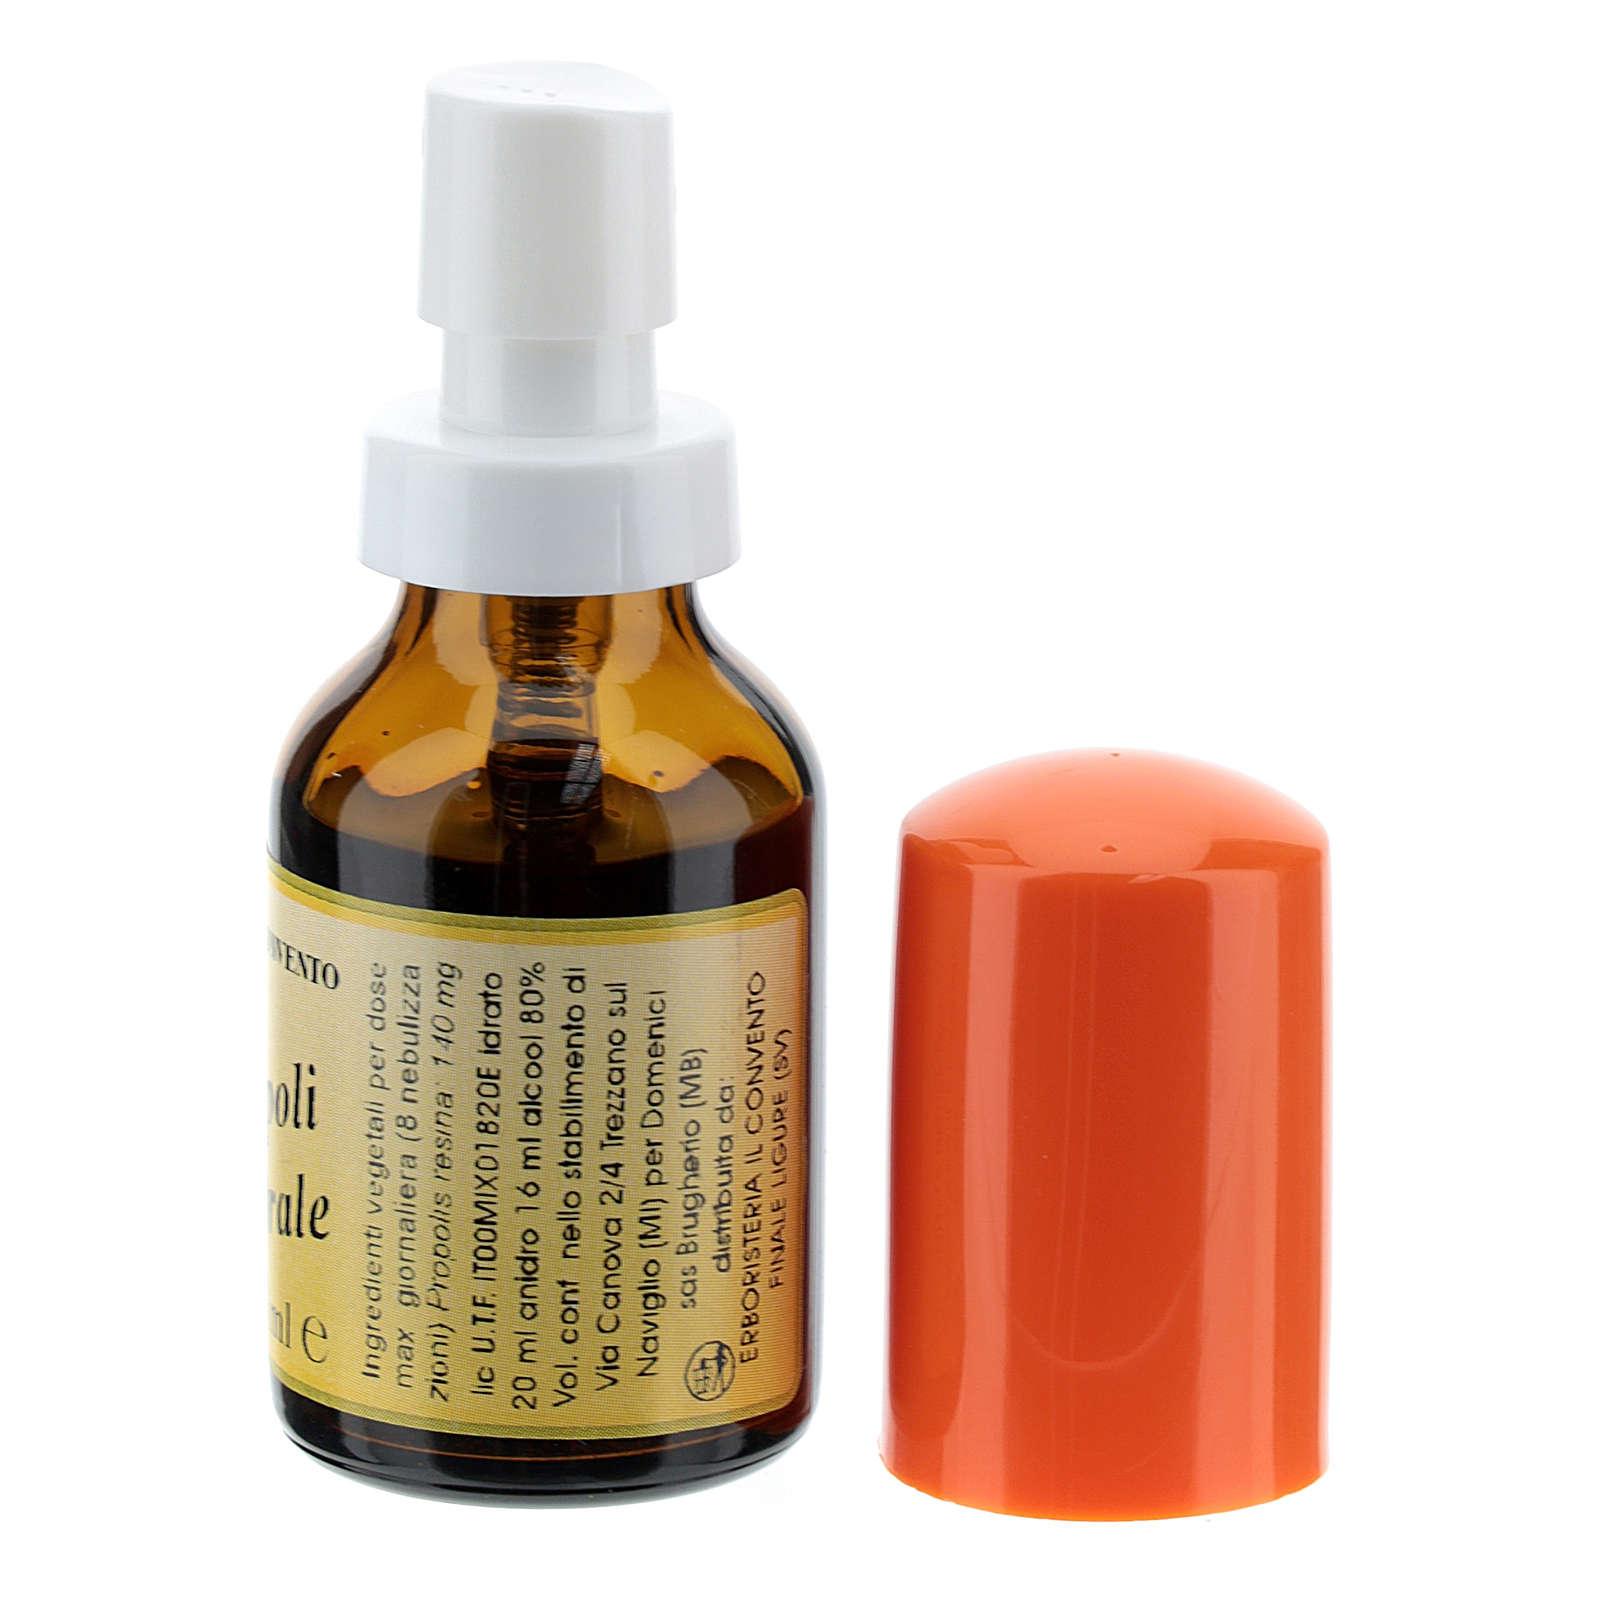 Bee propolis oral spray- Finalpia Benedictine Herbalist 3